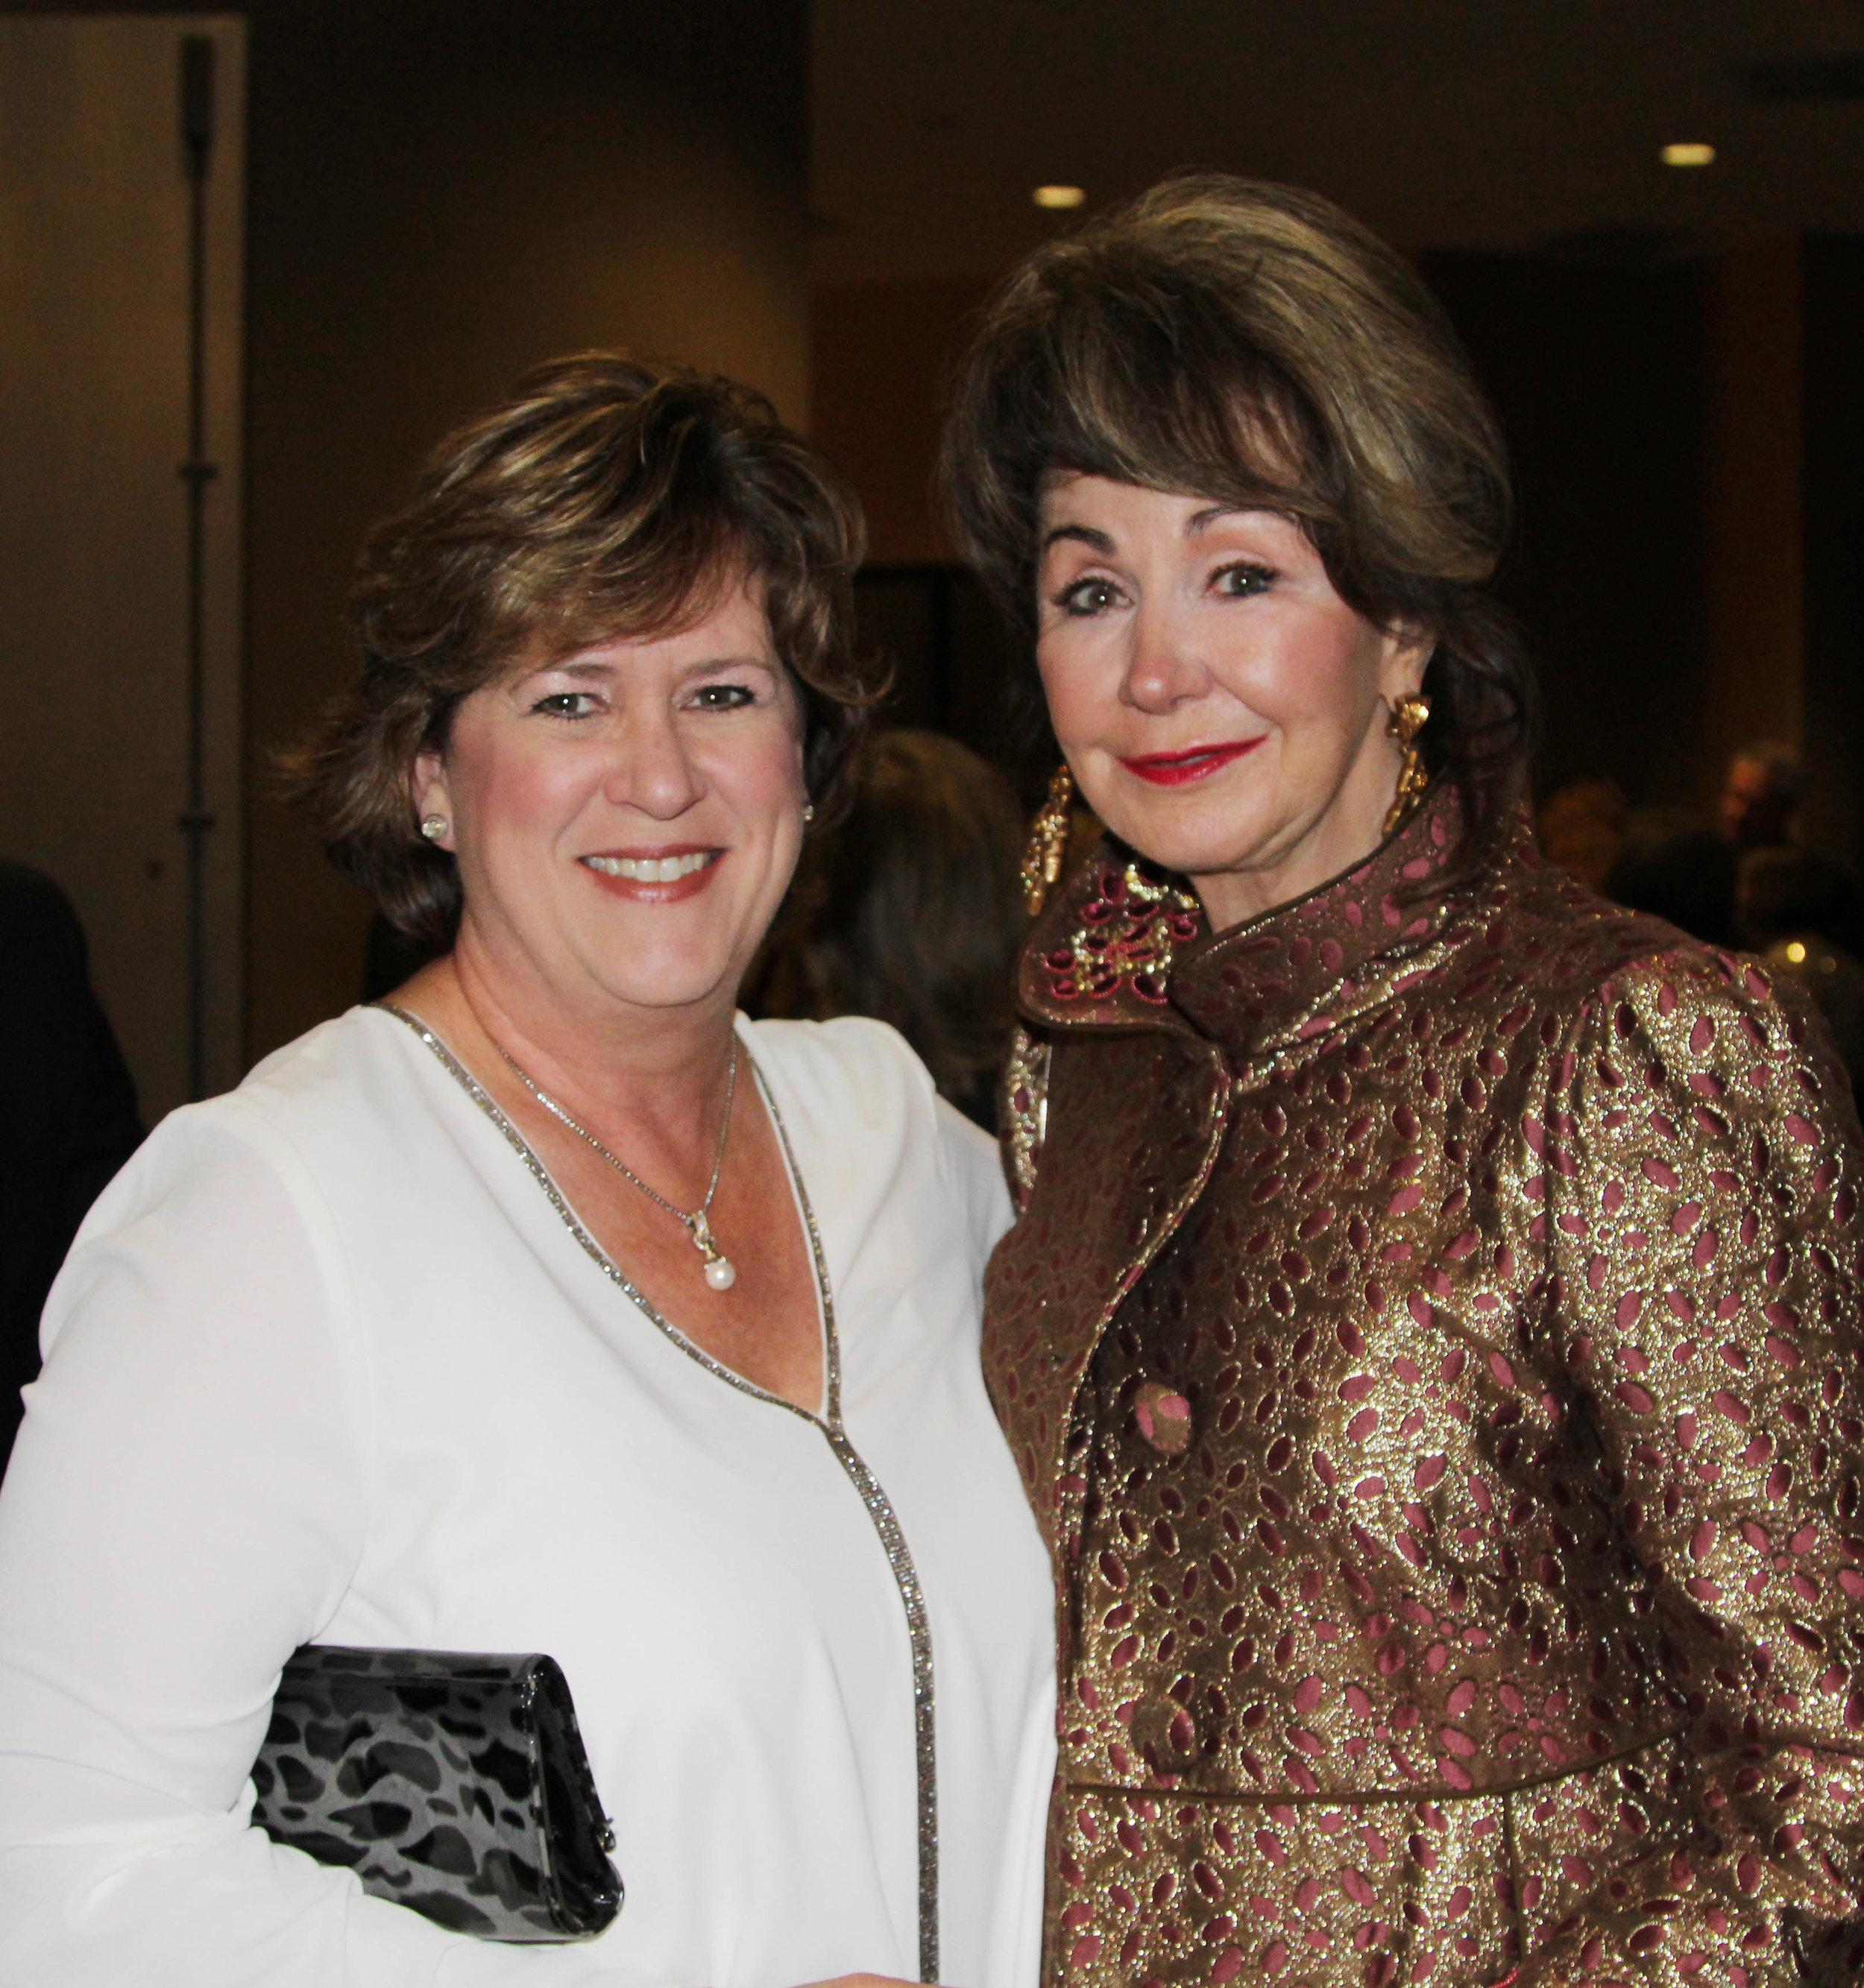 Trish Reed and Judy Morgan